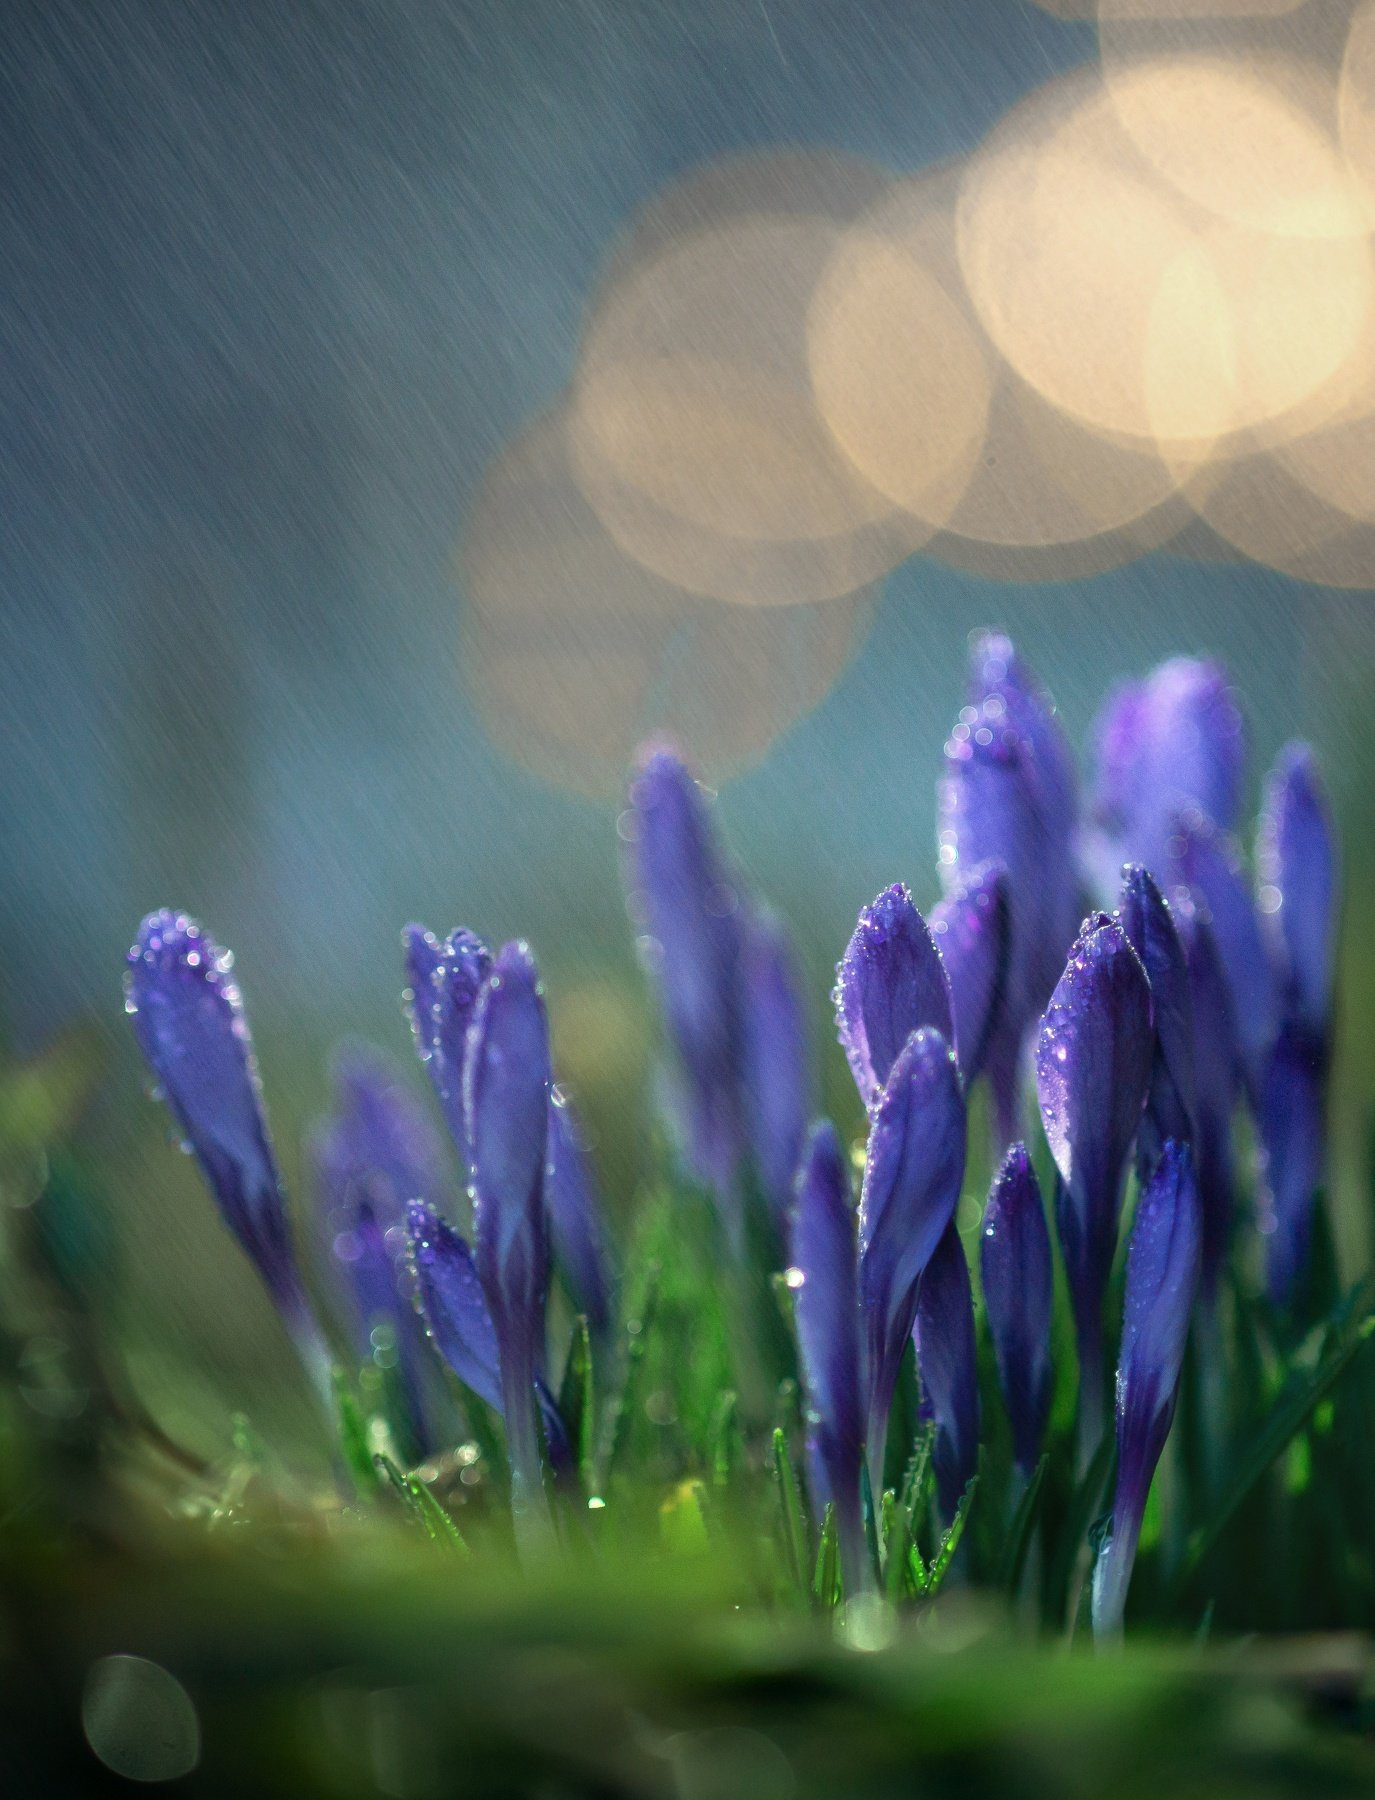 макро, природа, капля, вода, цветы, весна, красота, волшебство, Татьяна Пименкова